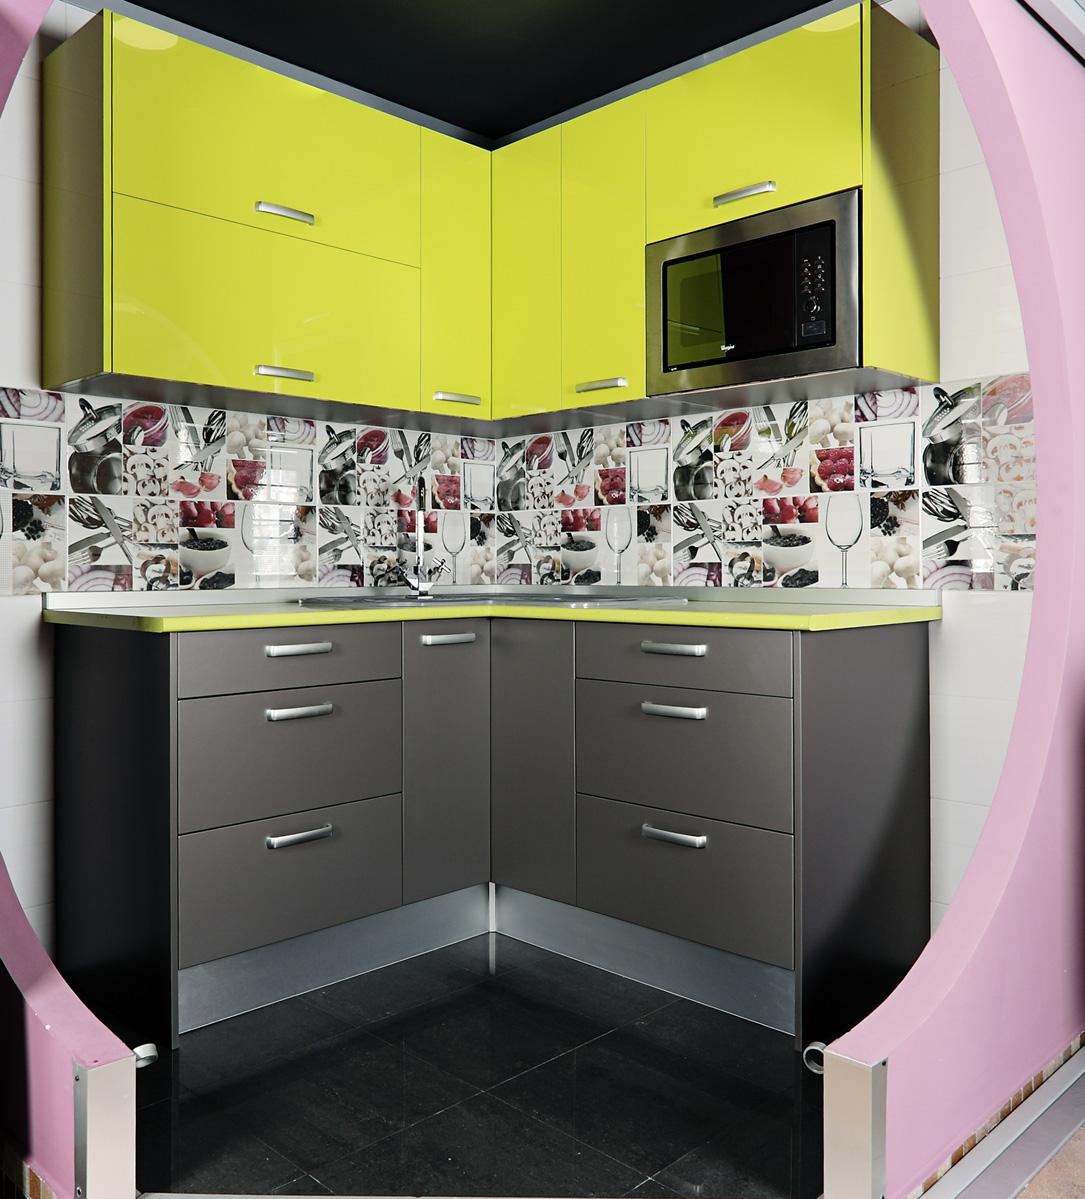 Ambiente Cer Mico Venta De Azulejos Pavimentos Cocinas Ba Os  # Muebles Pedro Del Saz Guadalajara